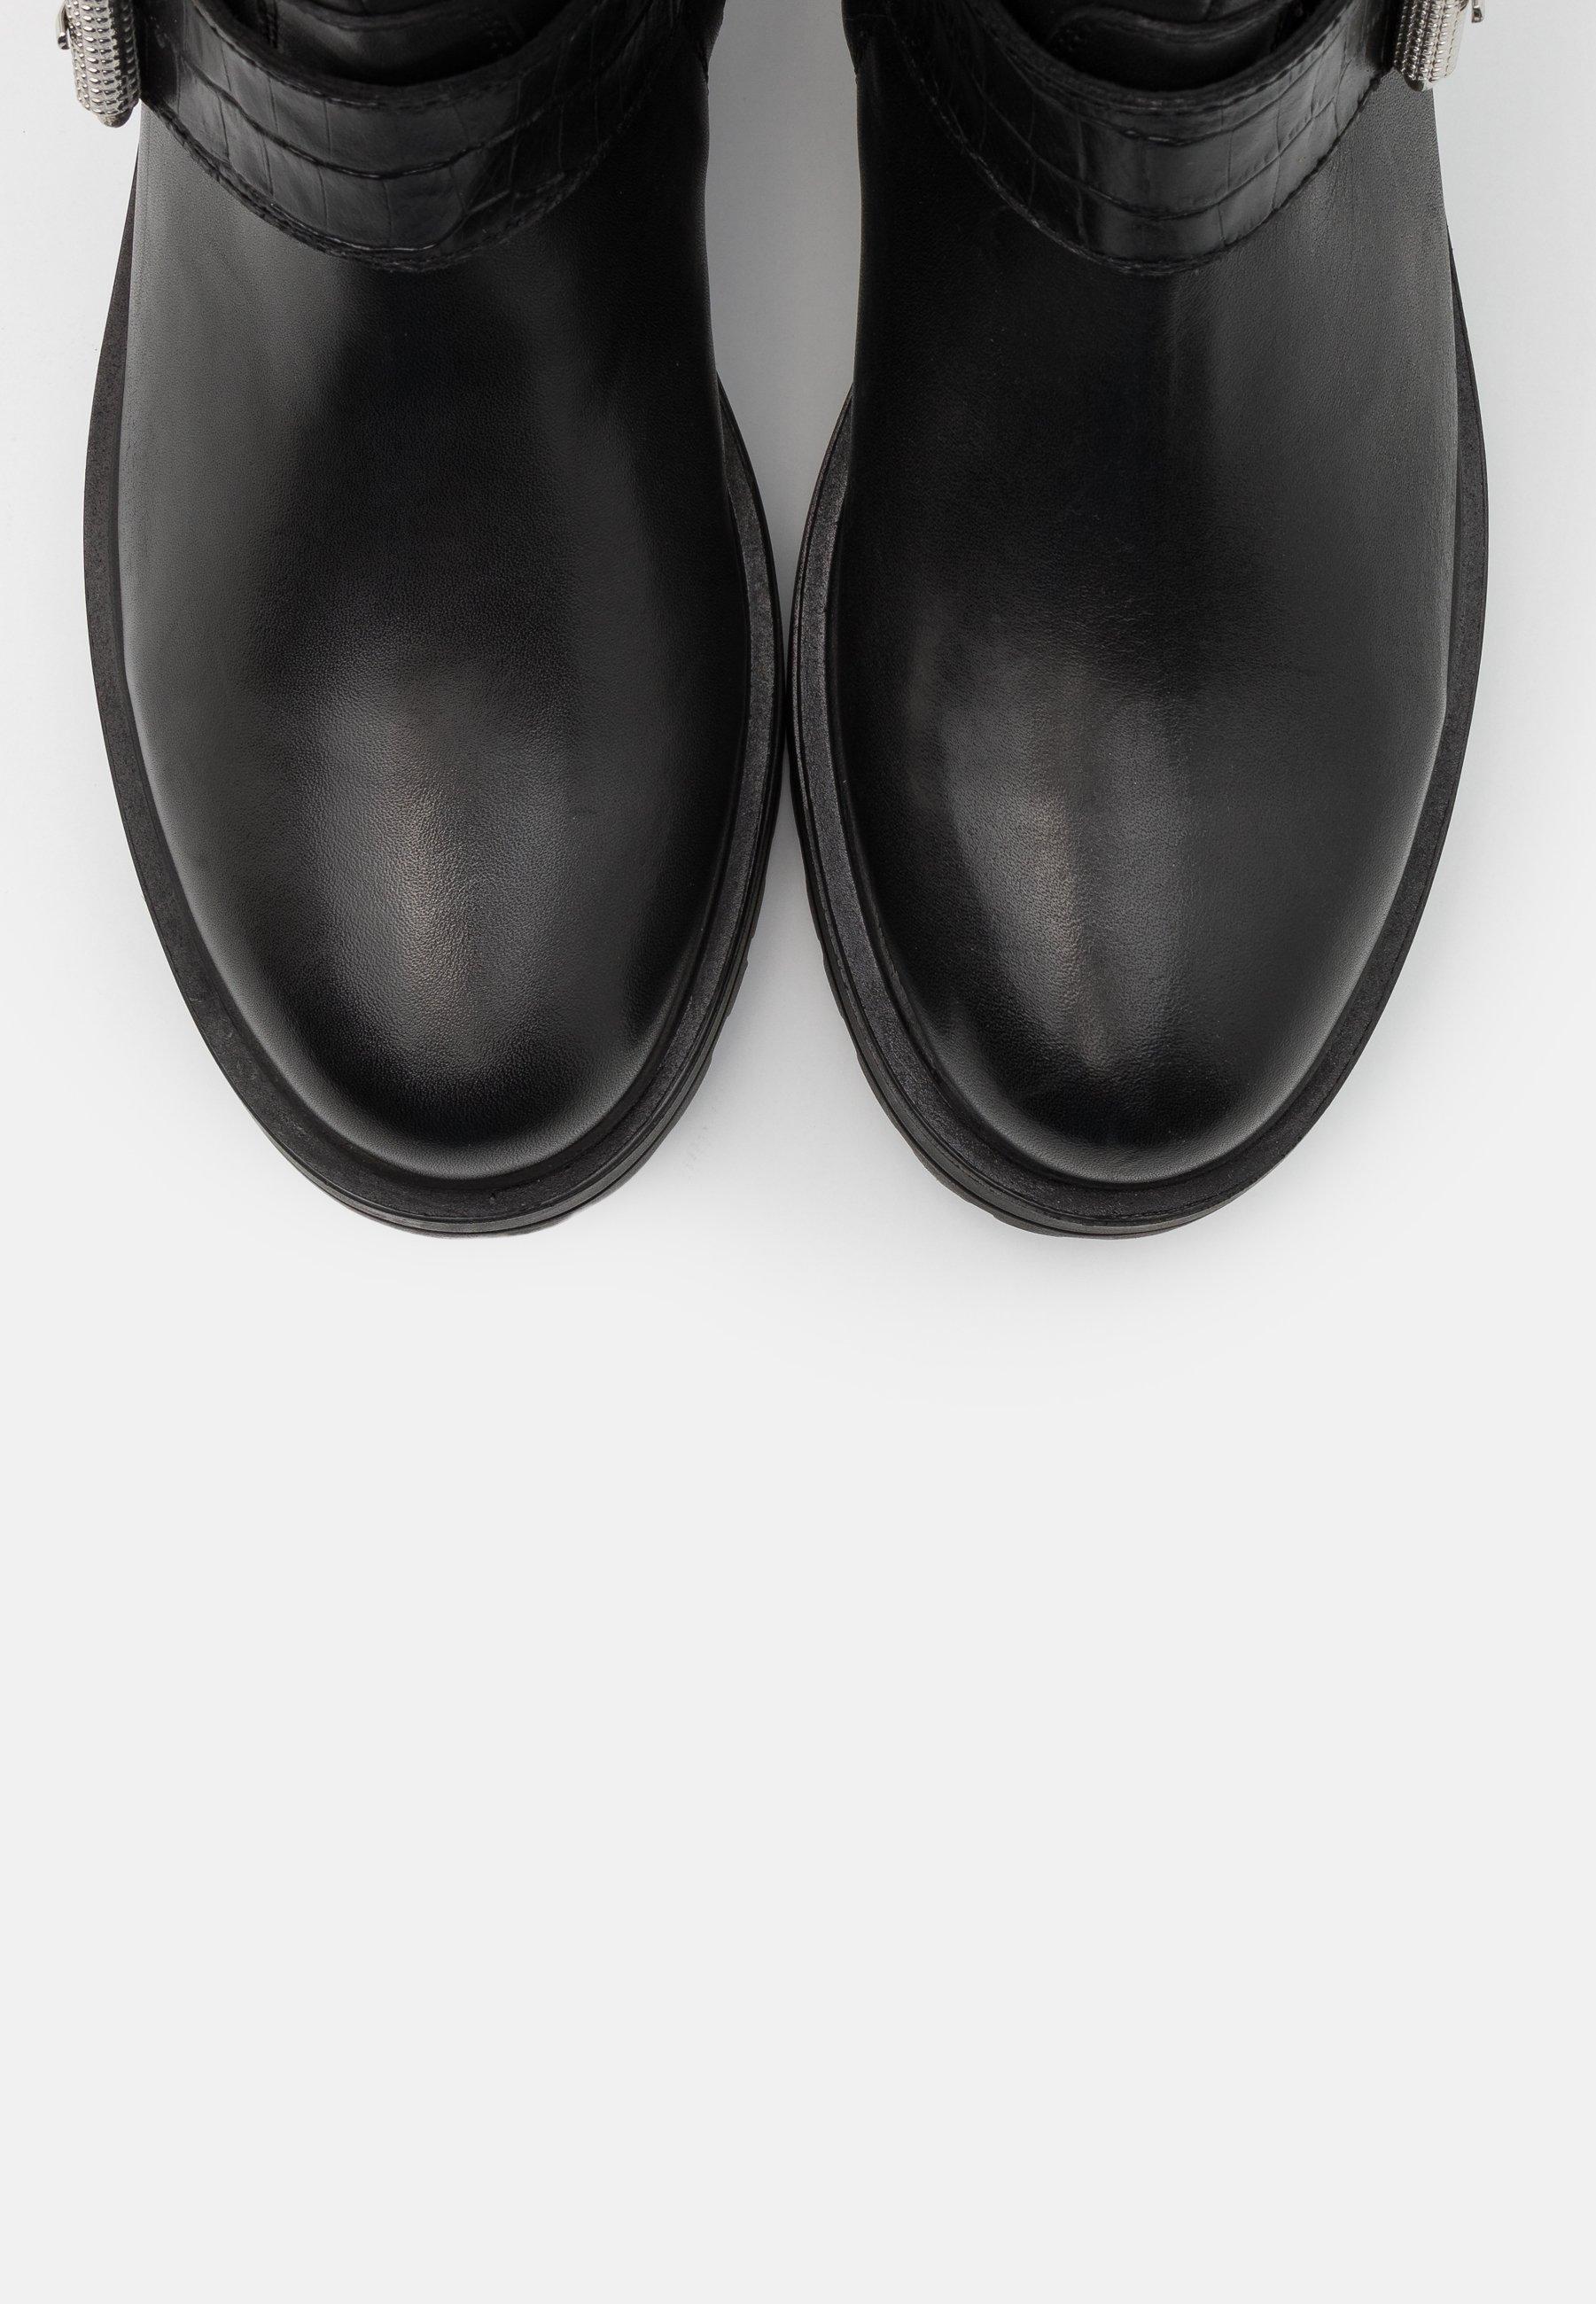 Femme VALLENDAR - Bottes à plateau - black